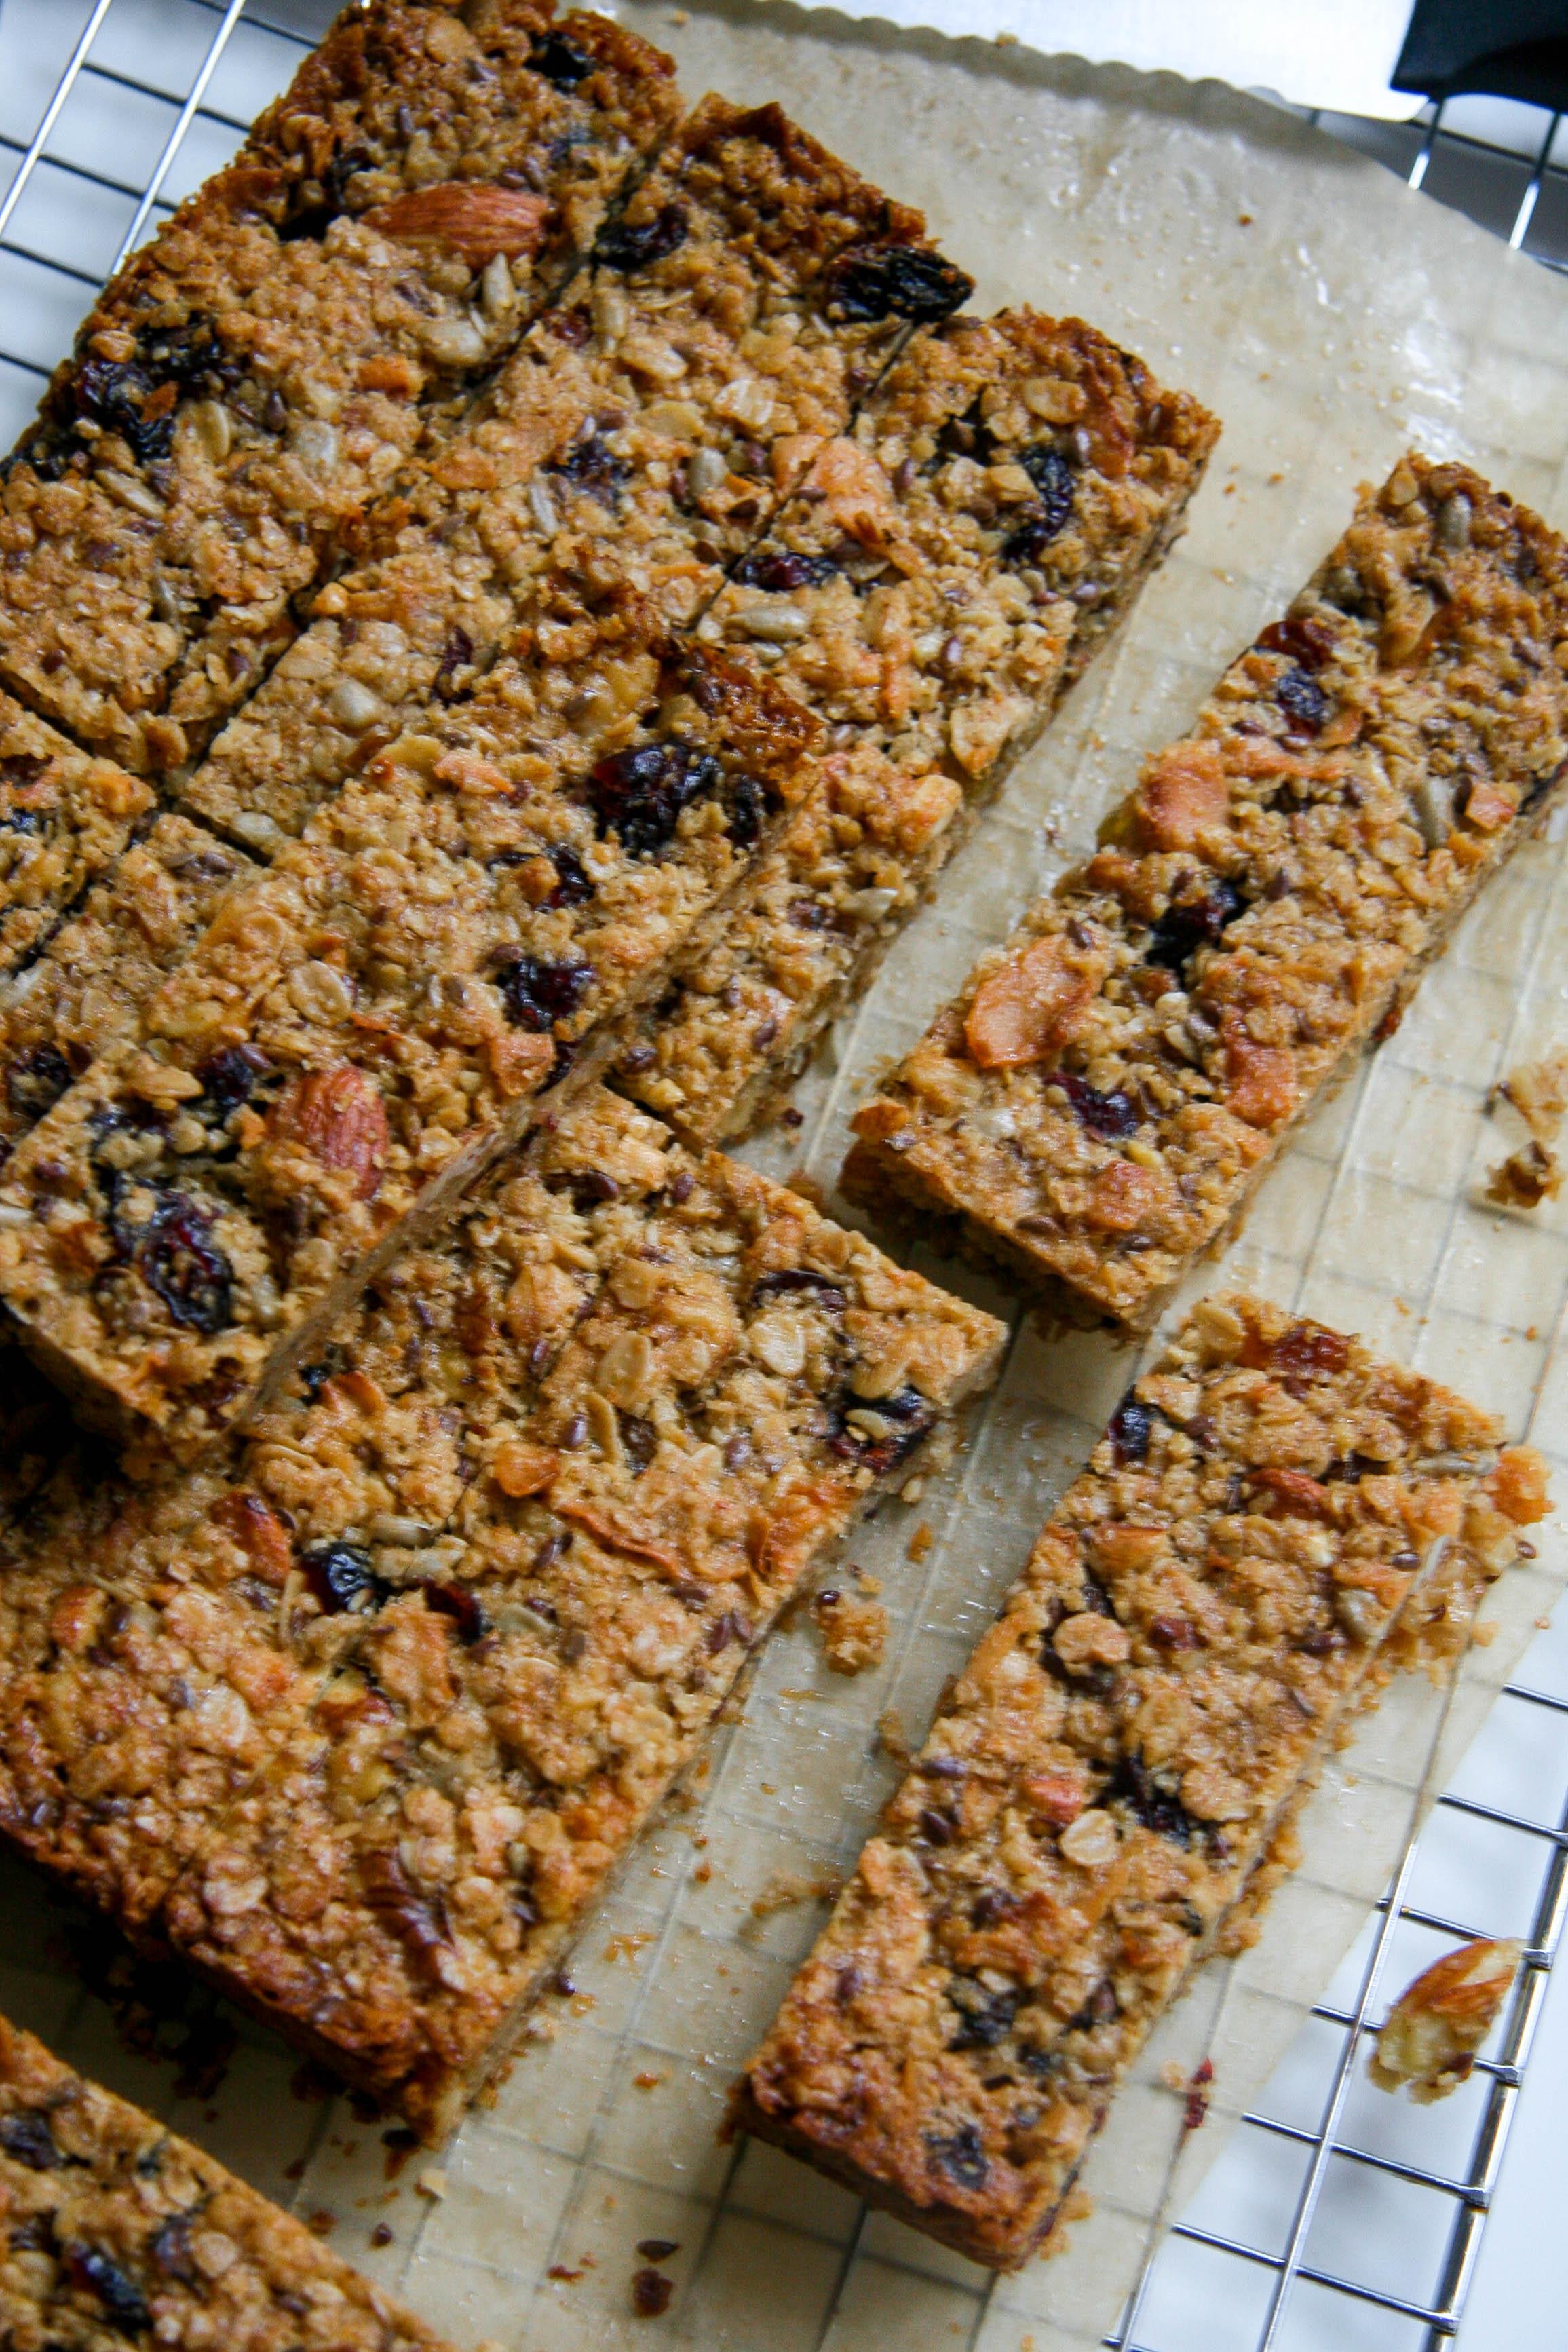 chewy-homemade-granola-nature-bars-recipe-11